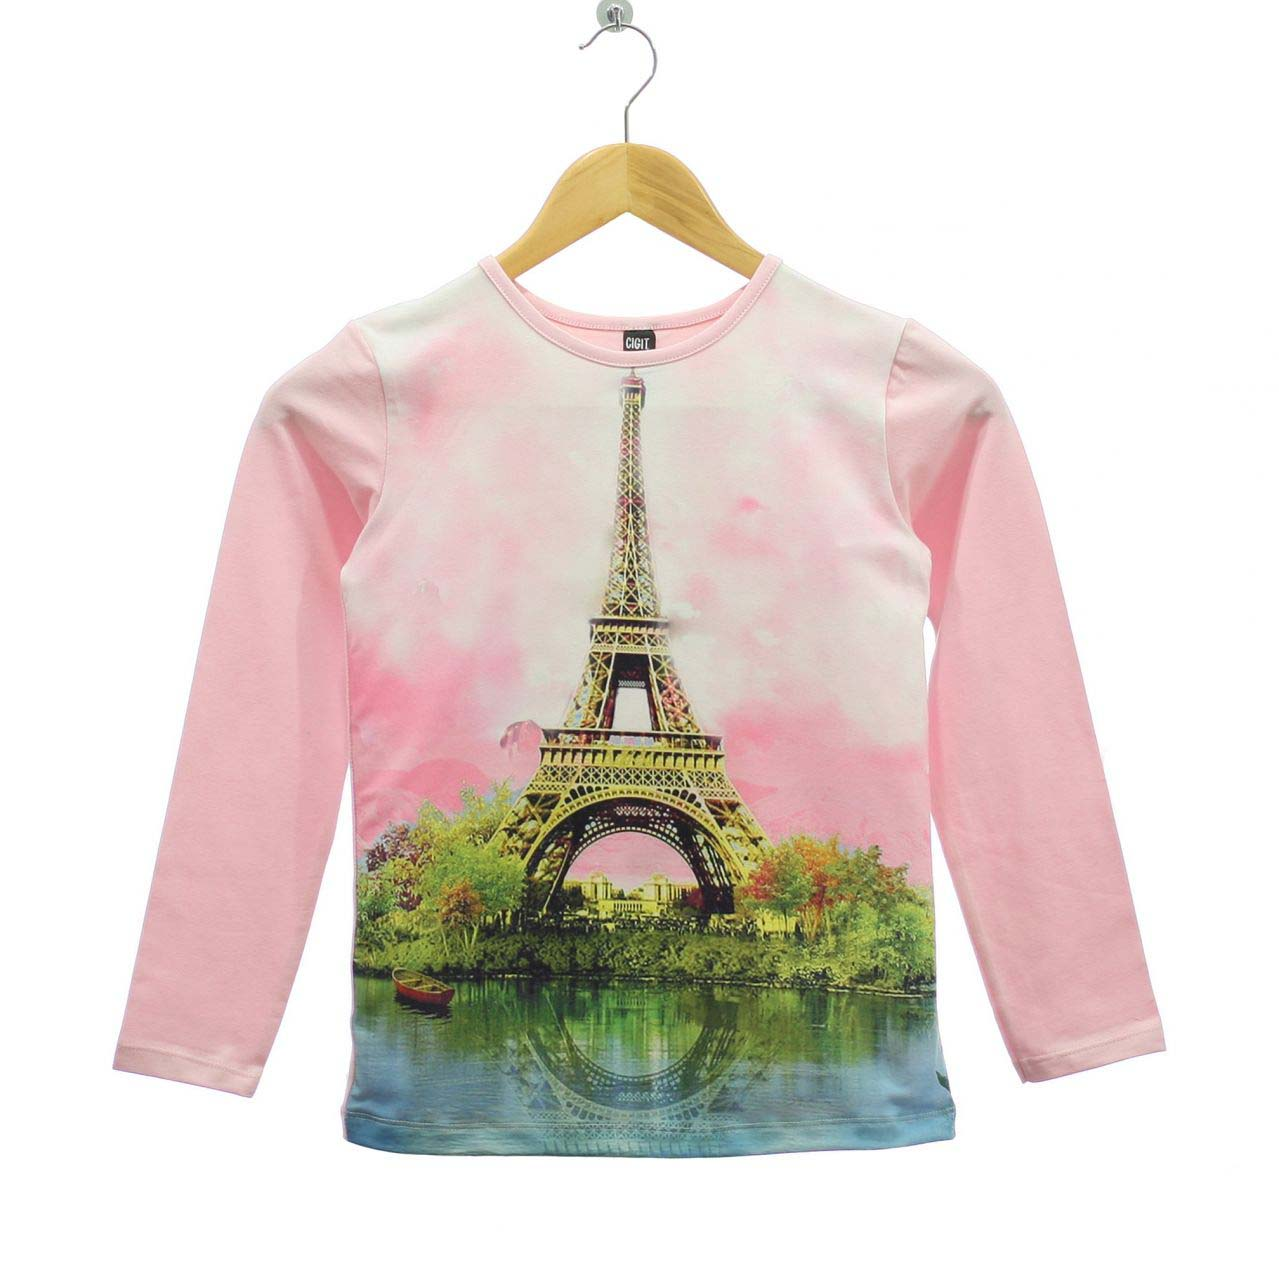 فروش لباسهای ترک اینترنتی